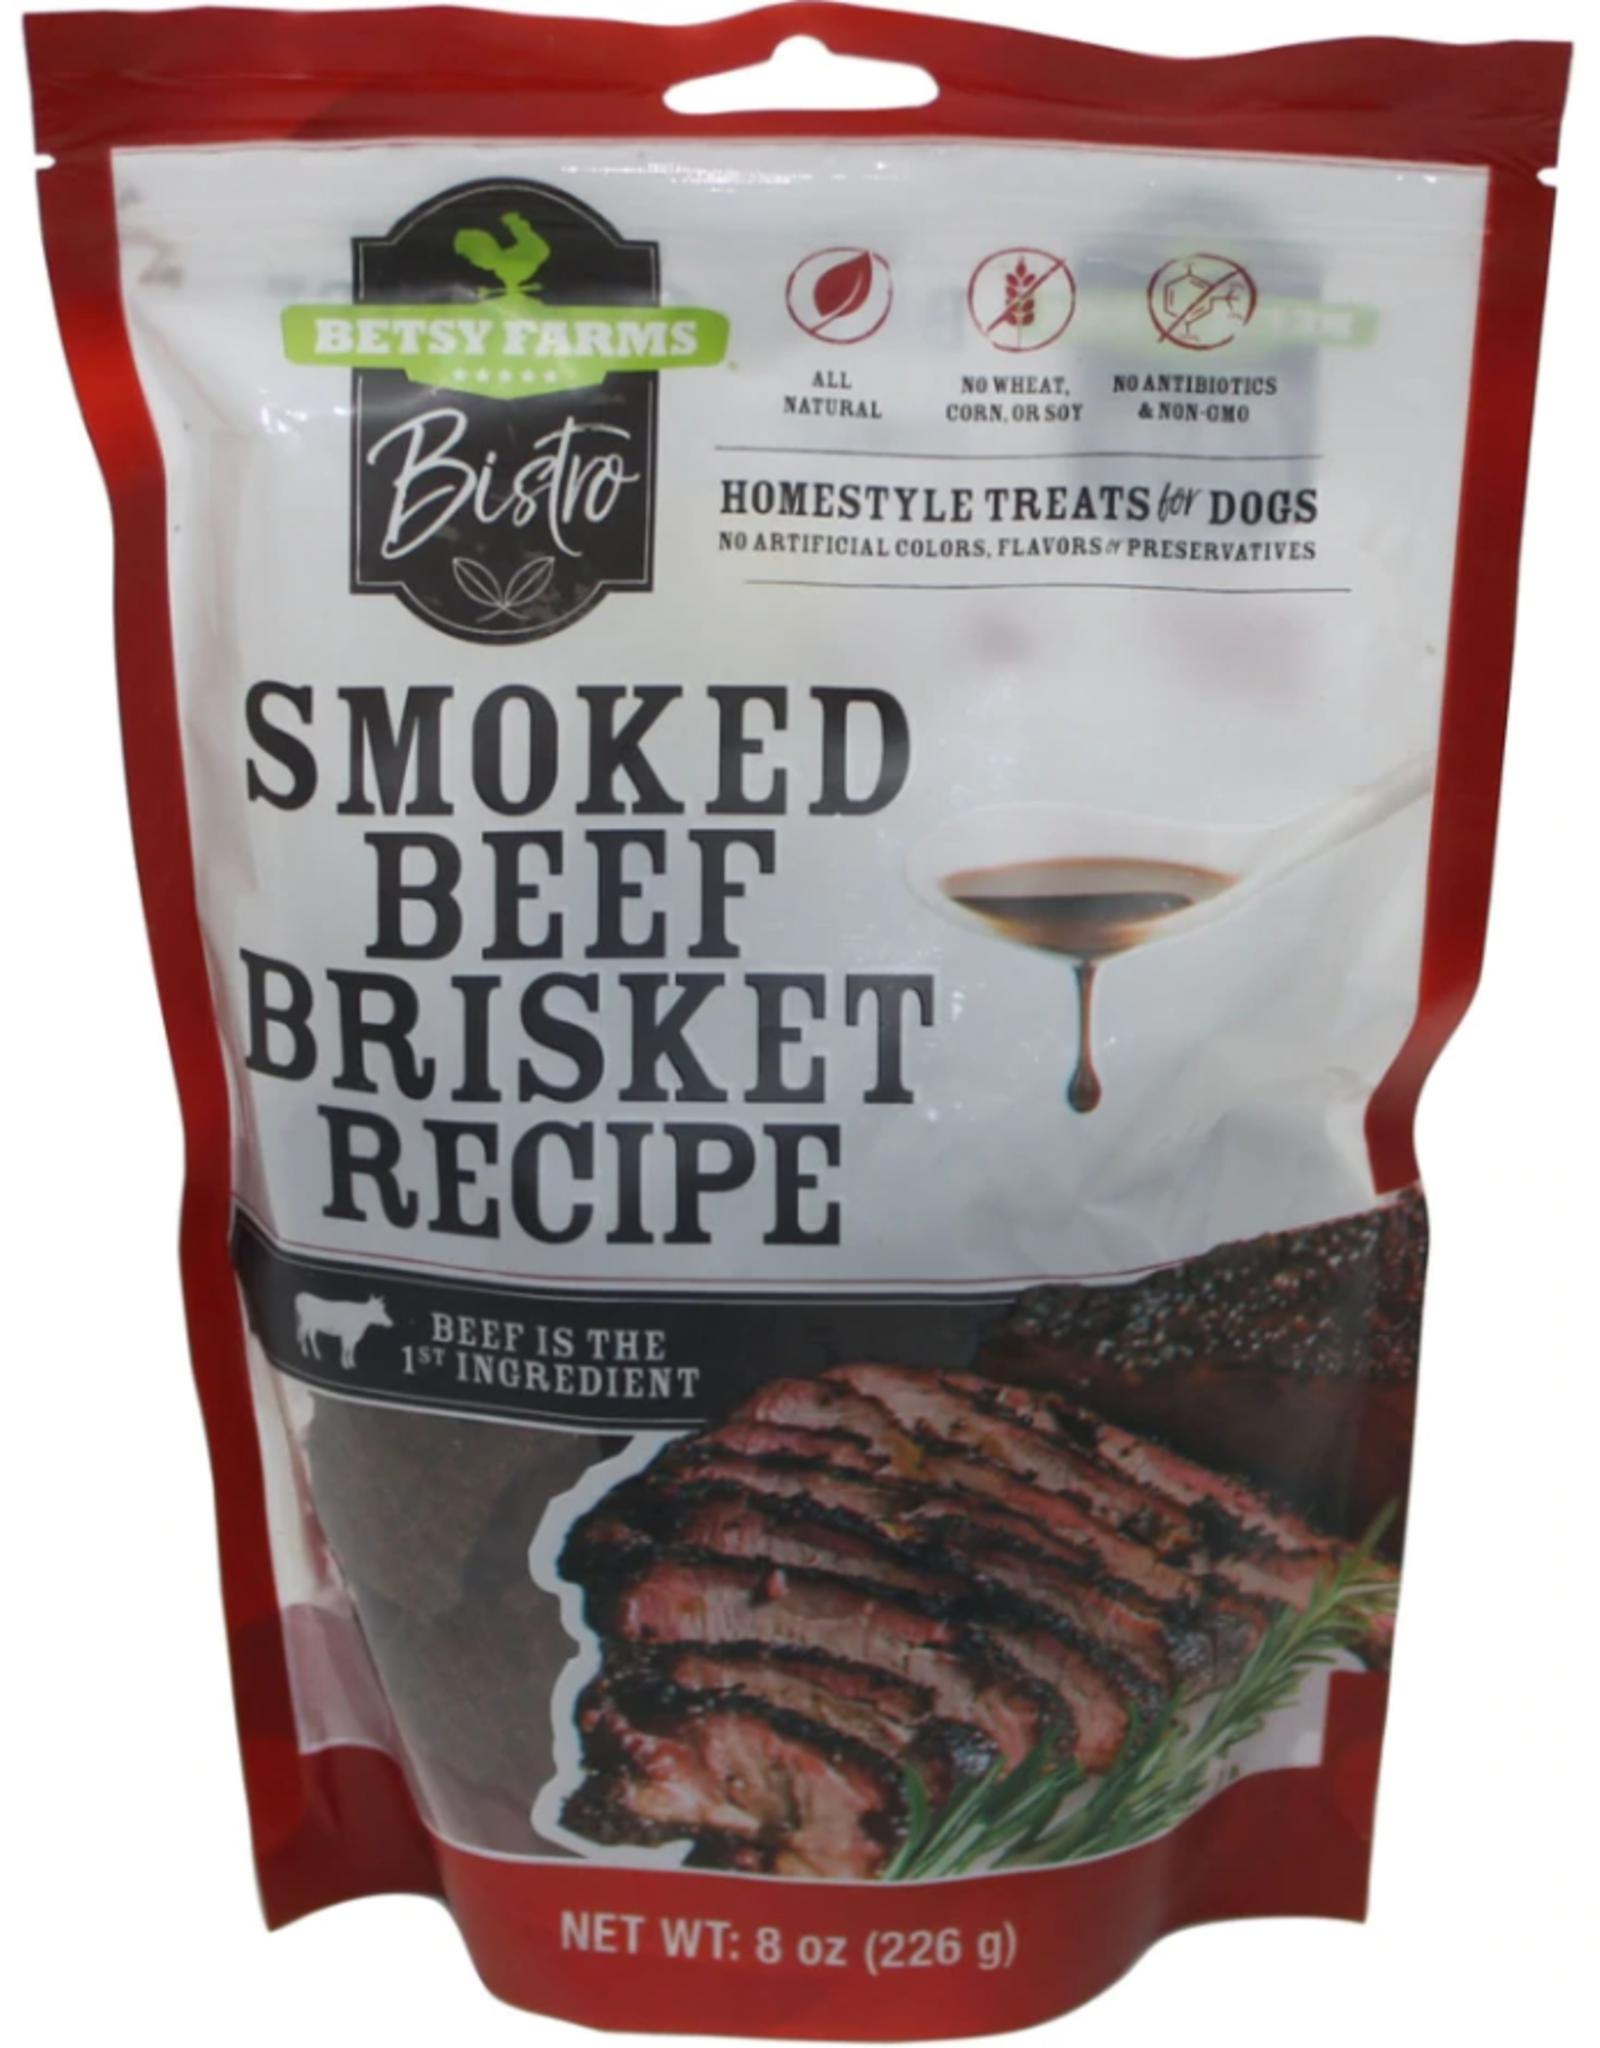 BETSY FARM BISTRO SMOKED BEEF BRISKET 3OZ